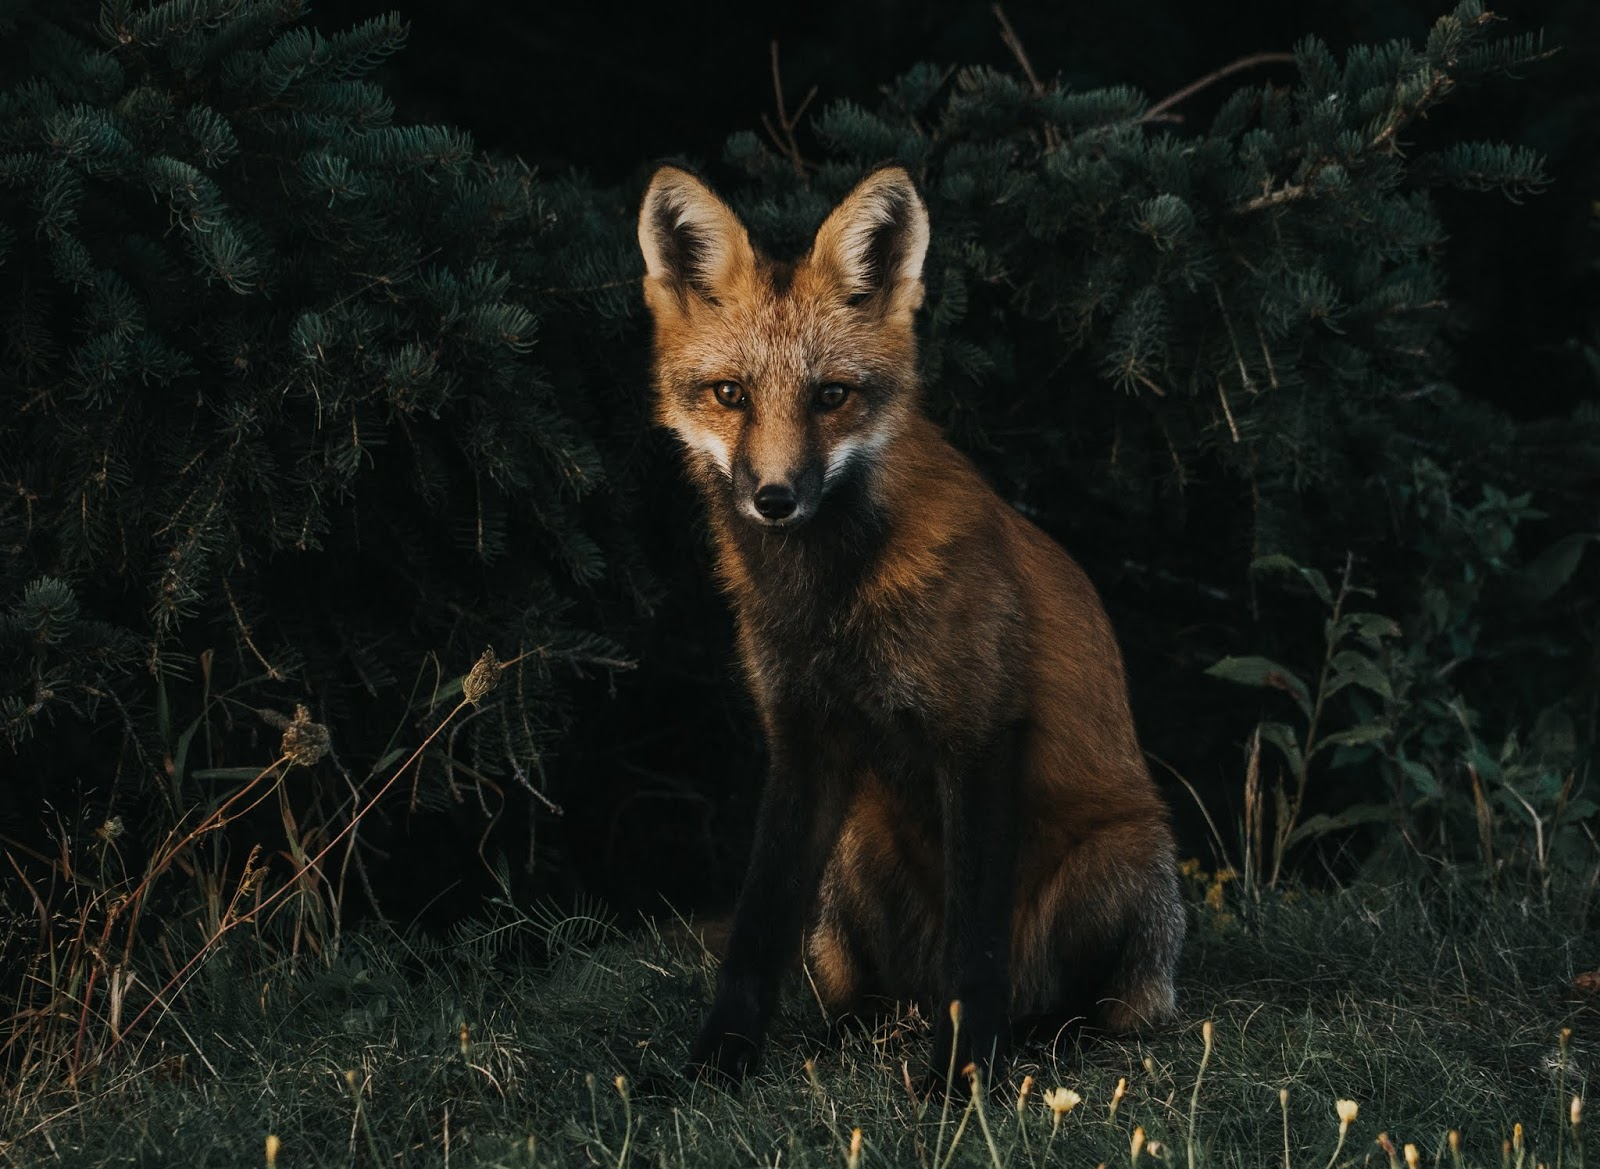 zwierzyna łowna, polowanie, łowiectwo, myślistwo, myśliwy, zabijanie zwierząt